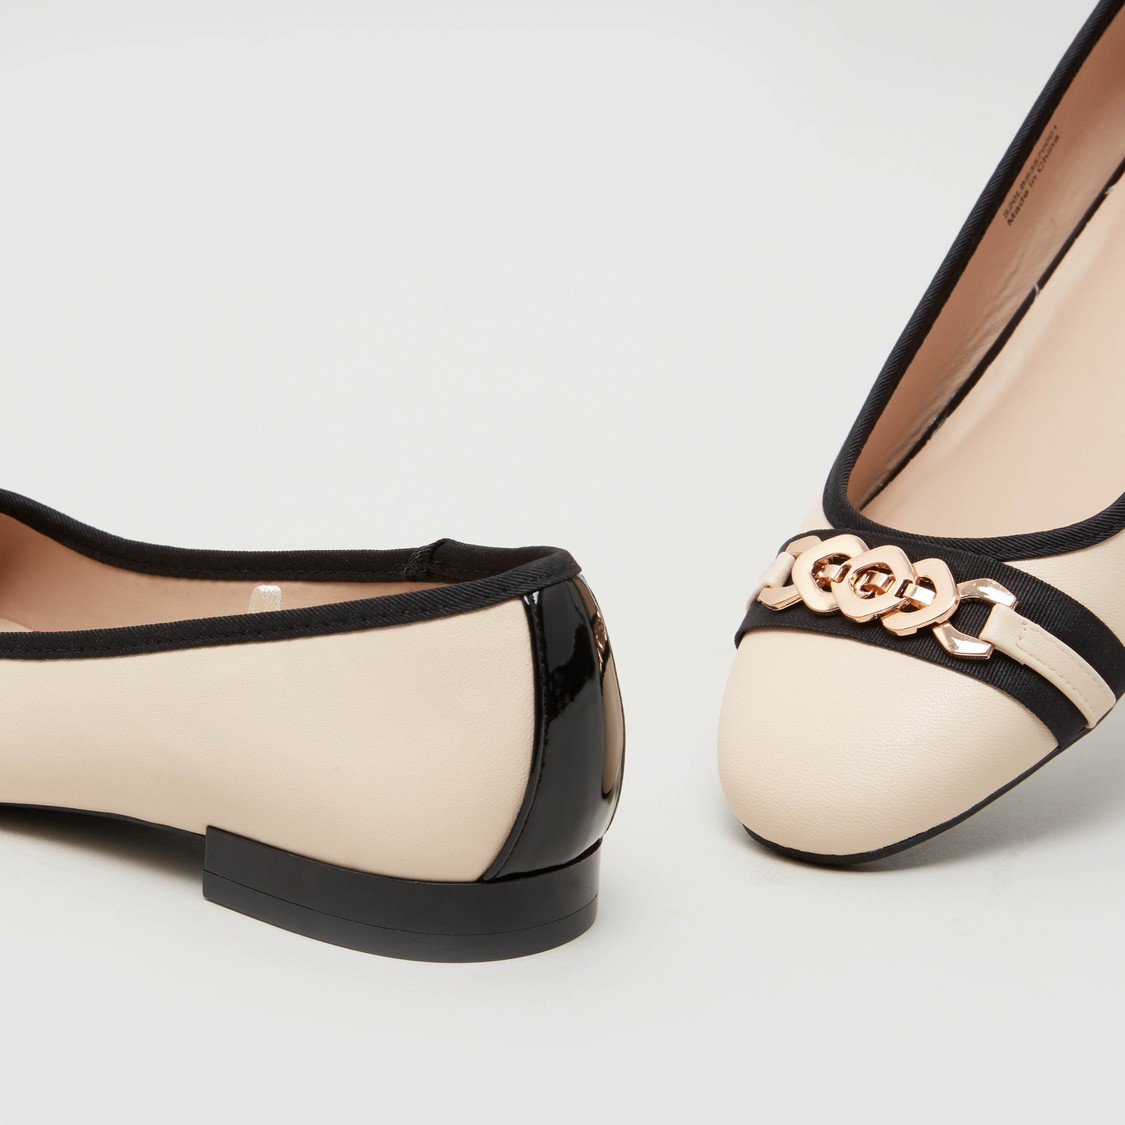 Metallic Applique Detail Ballerina Shoes